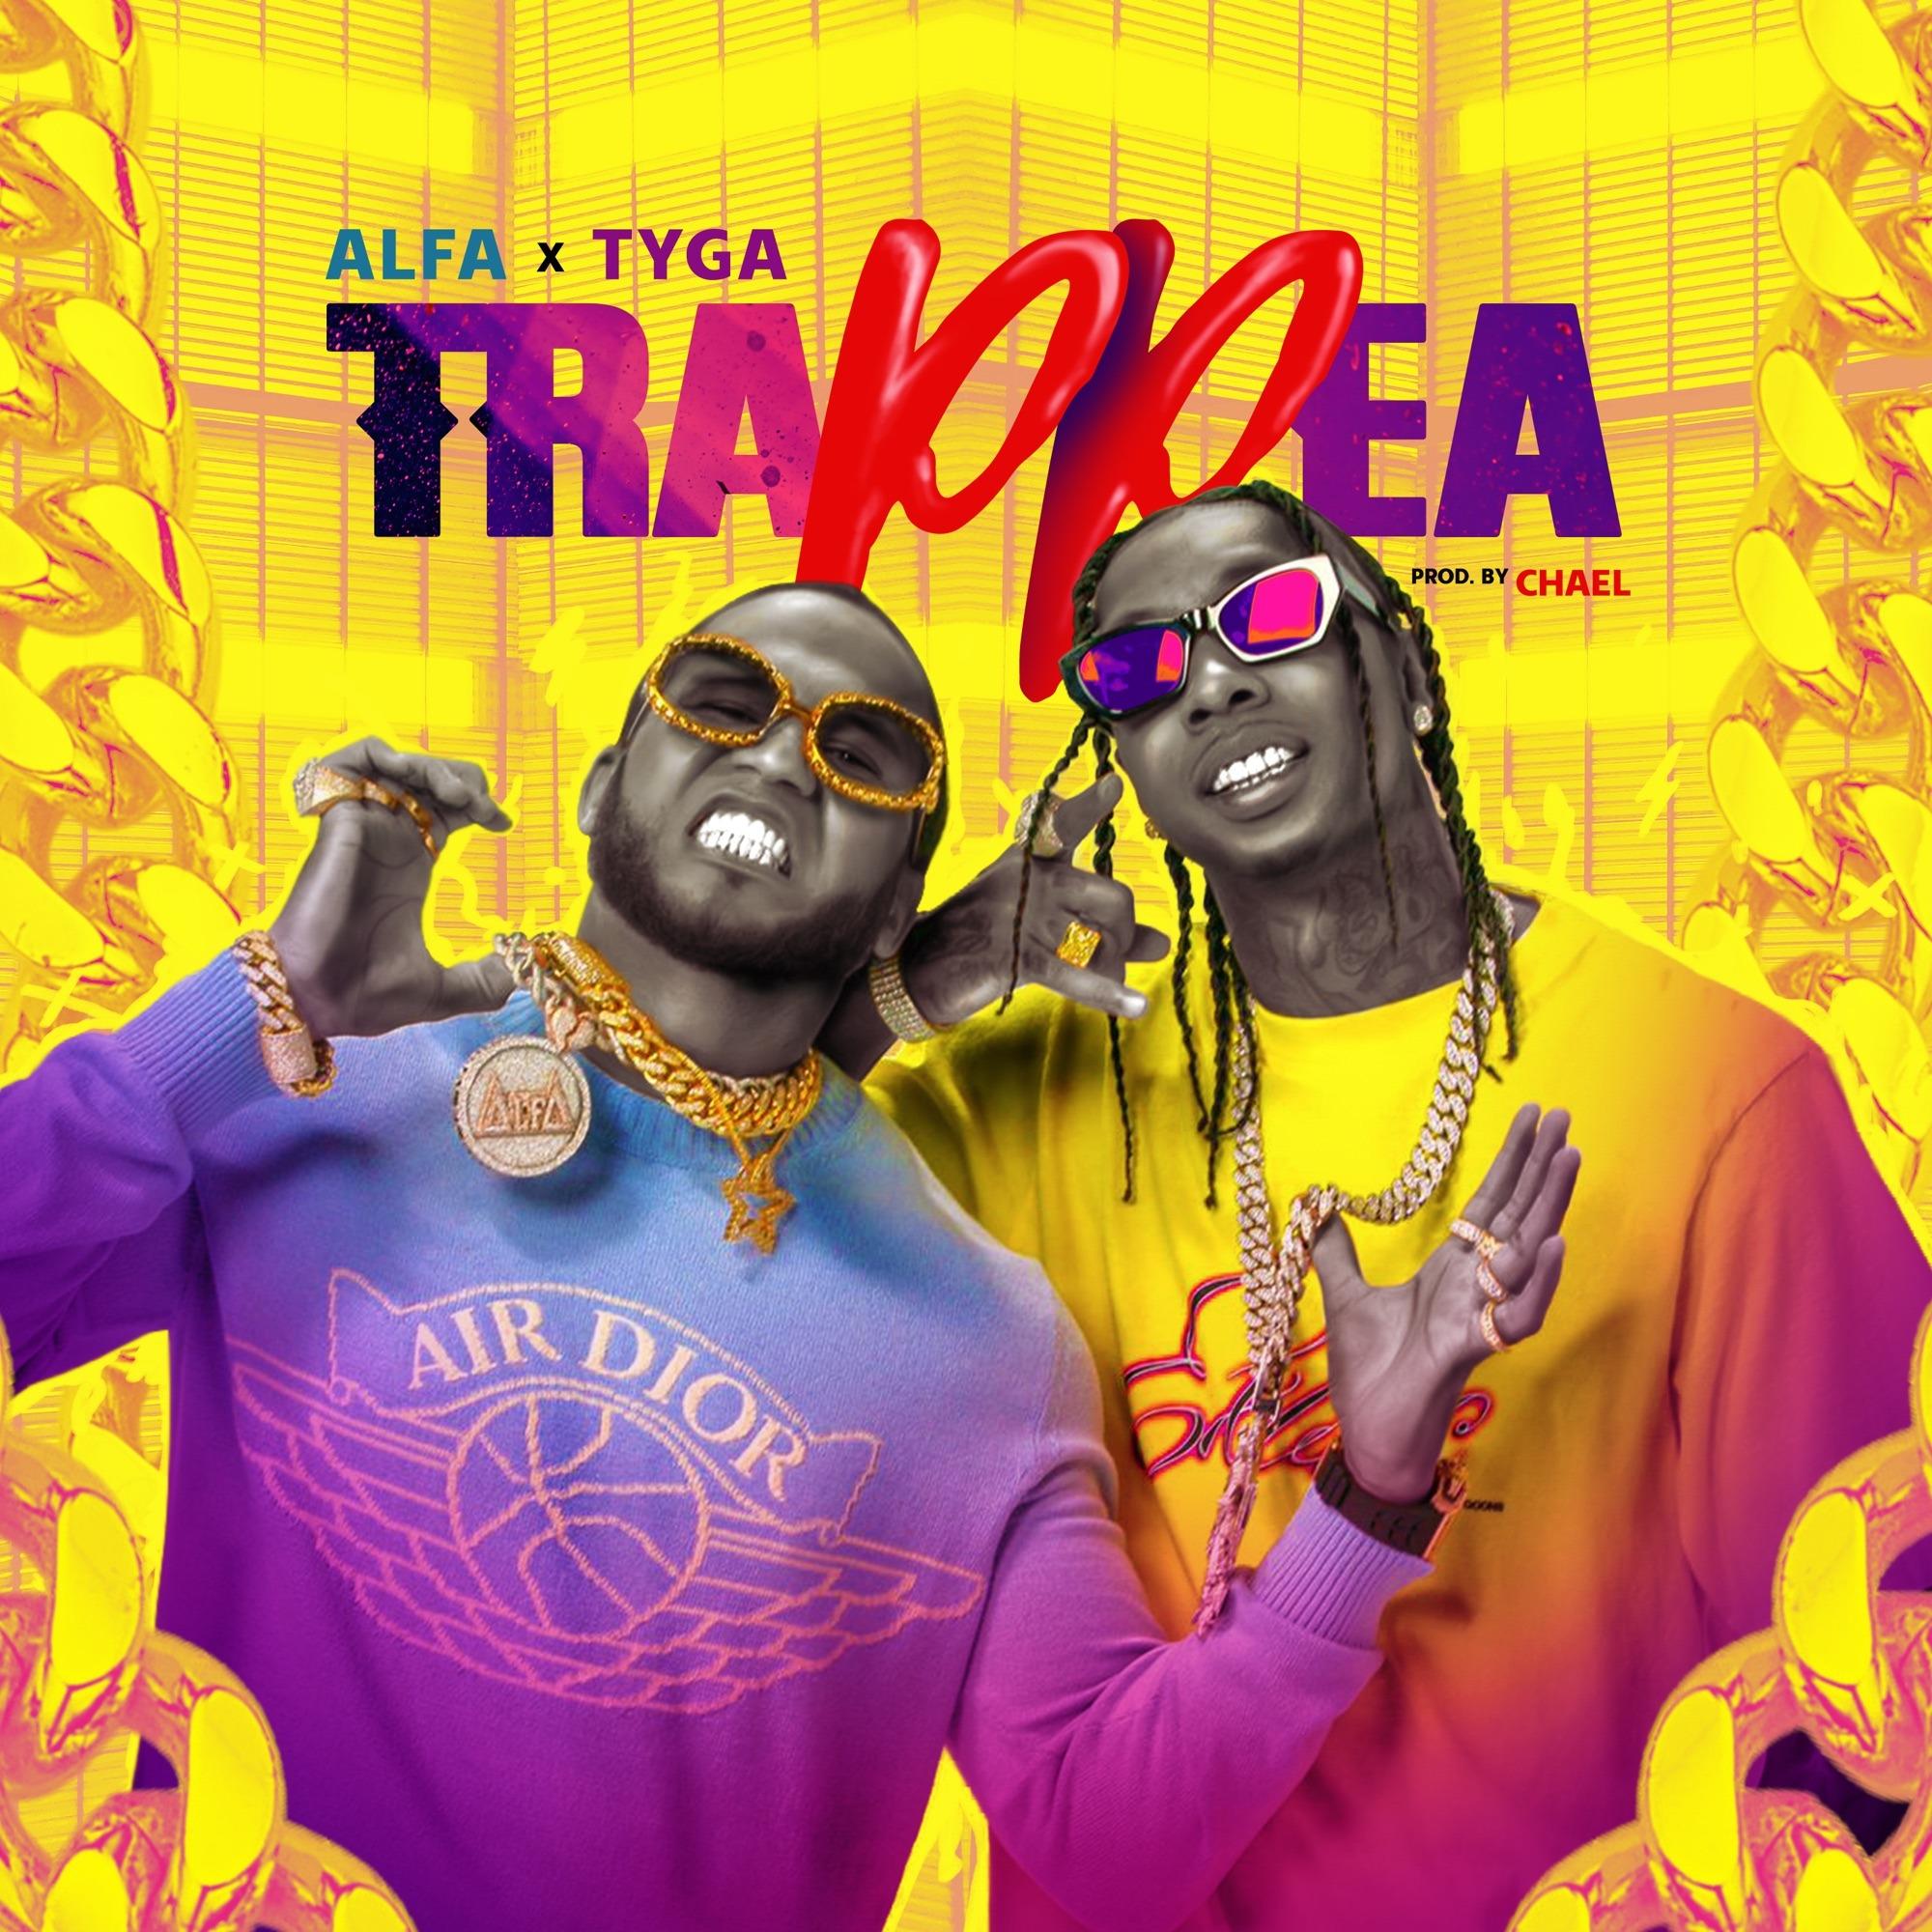 El Alfa & Tyga – Trap Pea